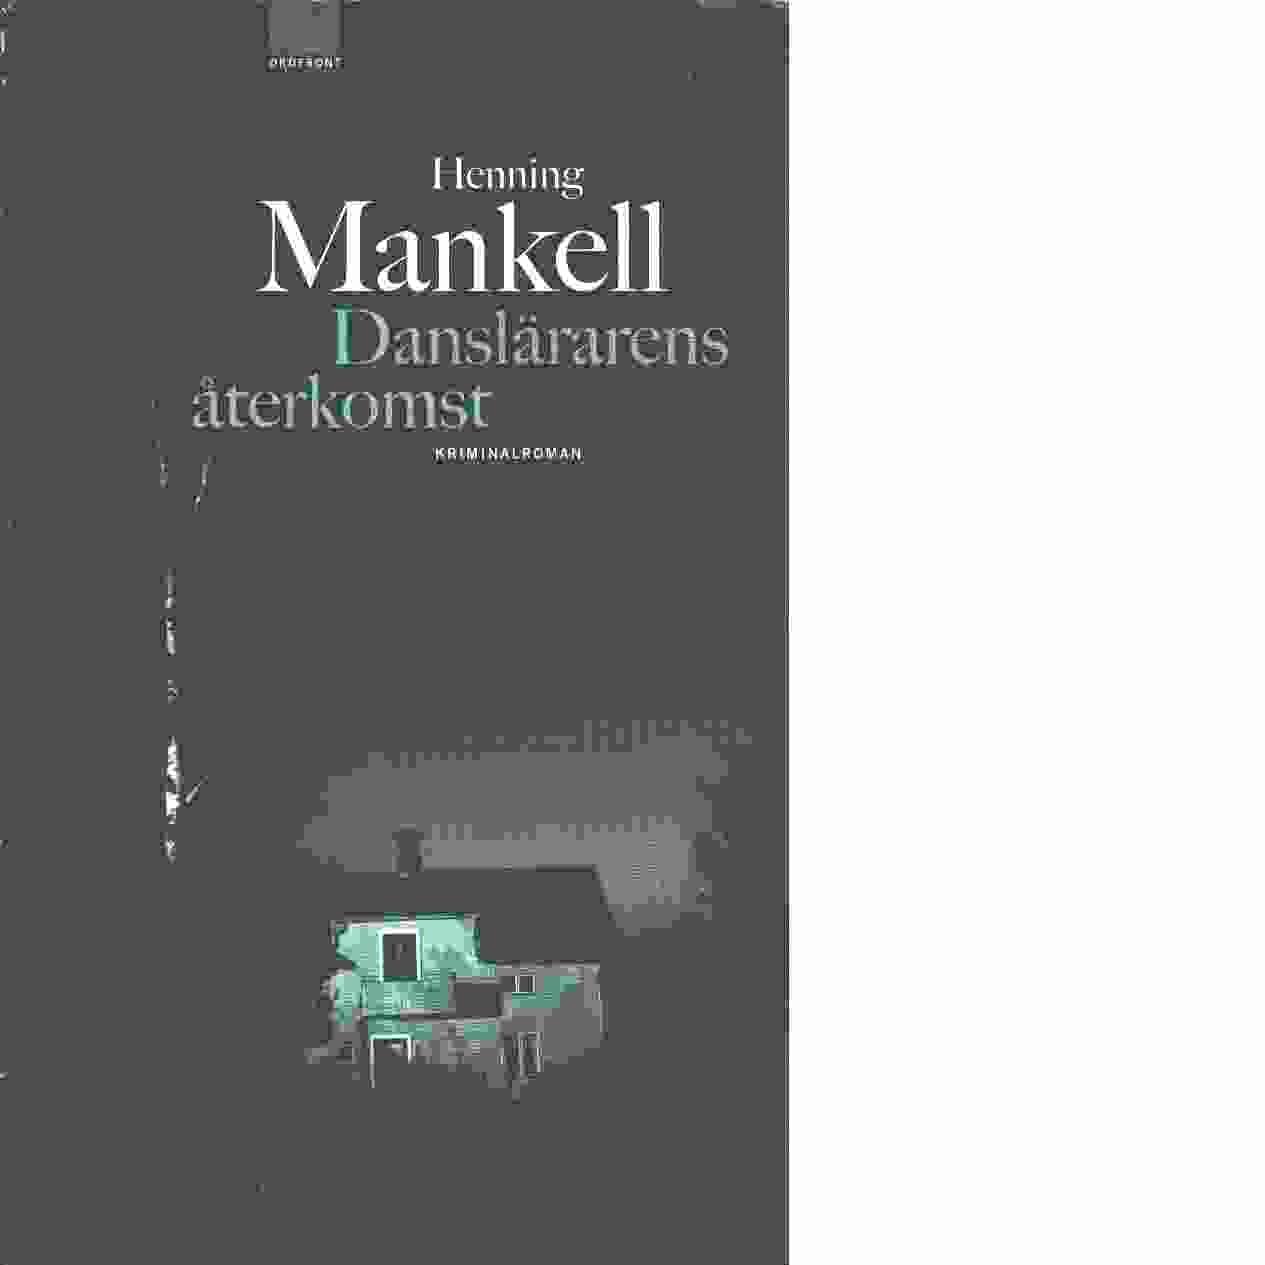 Danslärarens återkomst - Mankell, Henning